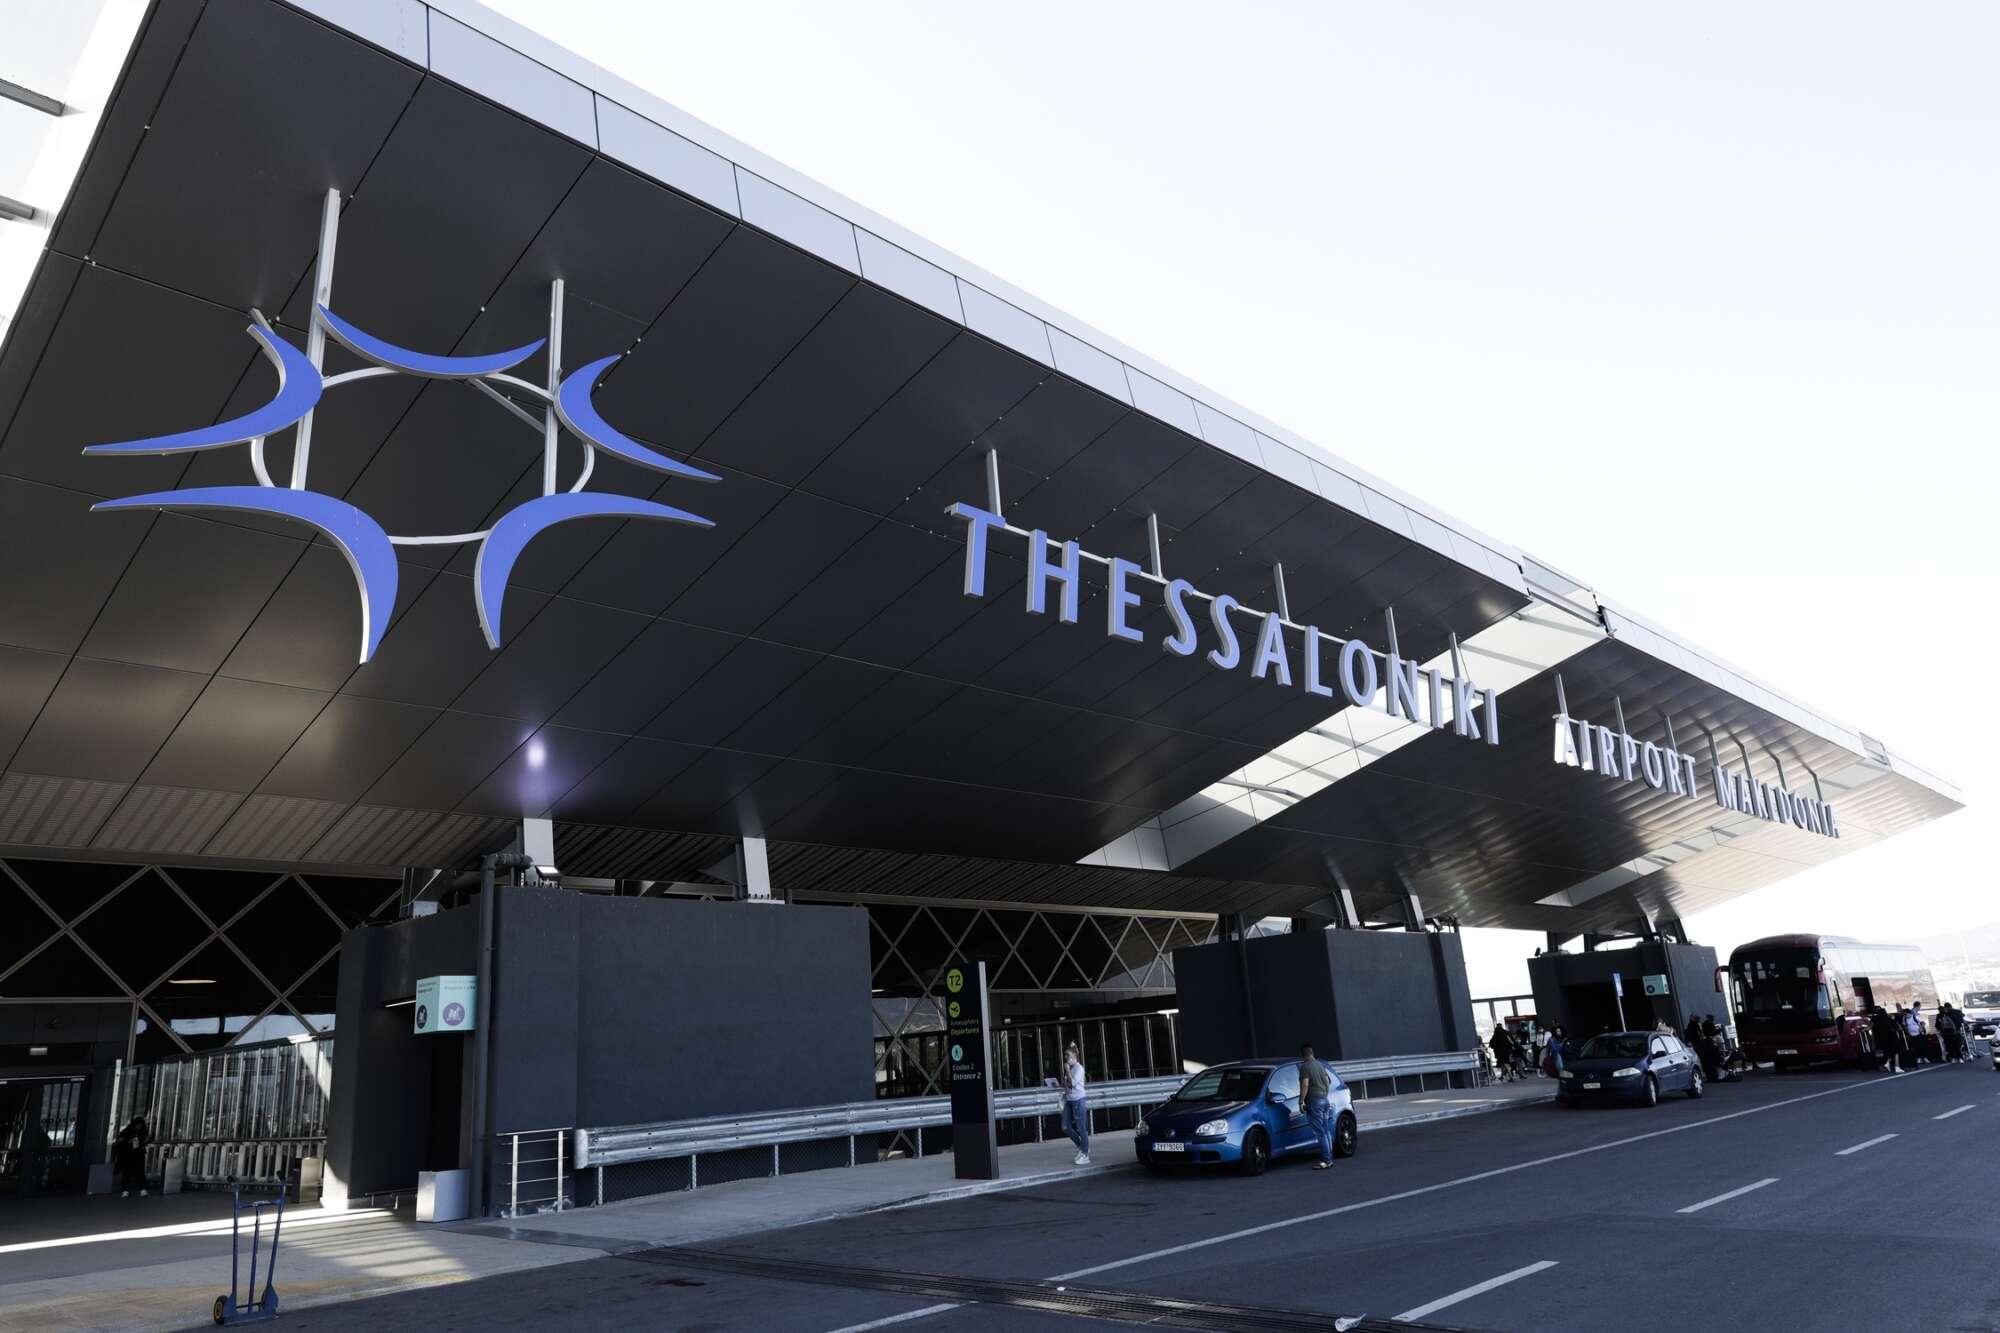 Ανανεωμένη η πρώτη εικόνα που αποκομίζει ο ταξιδιώτης από το Αεροδρόμιο Μακεδονία